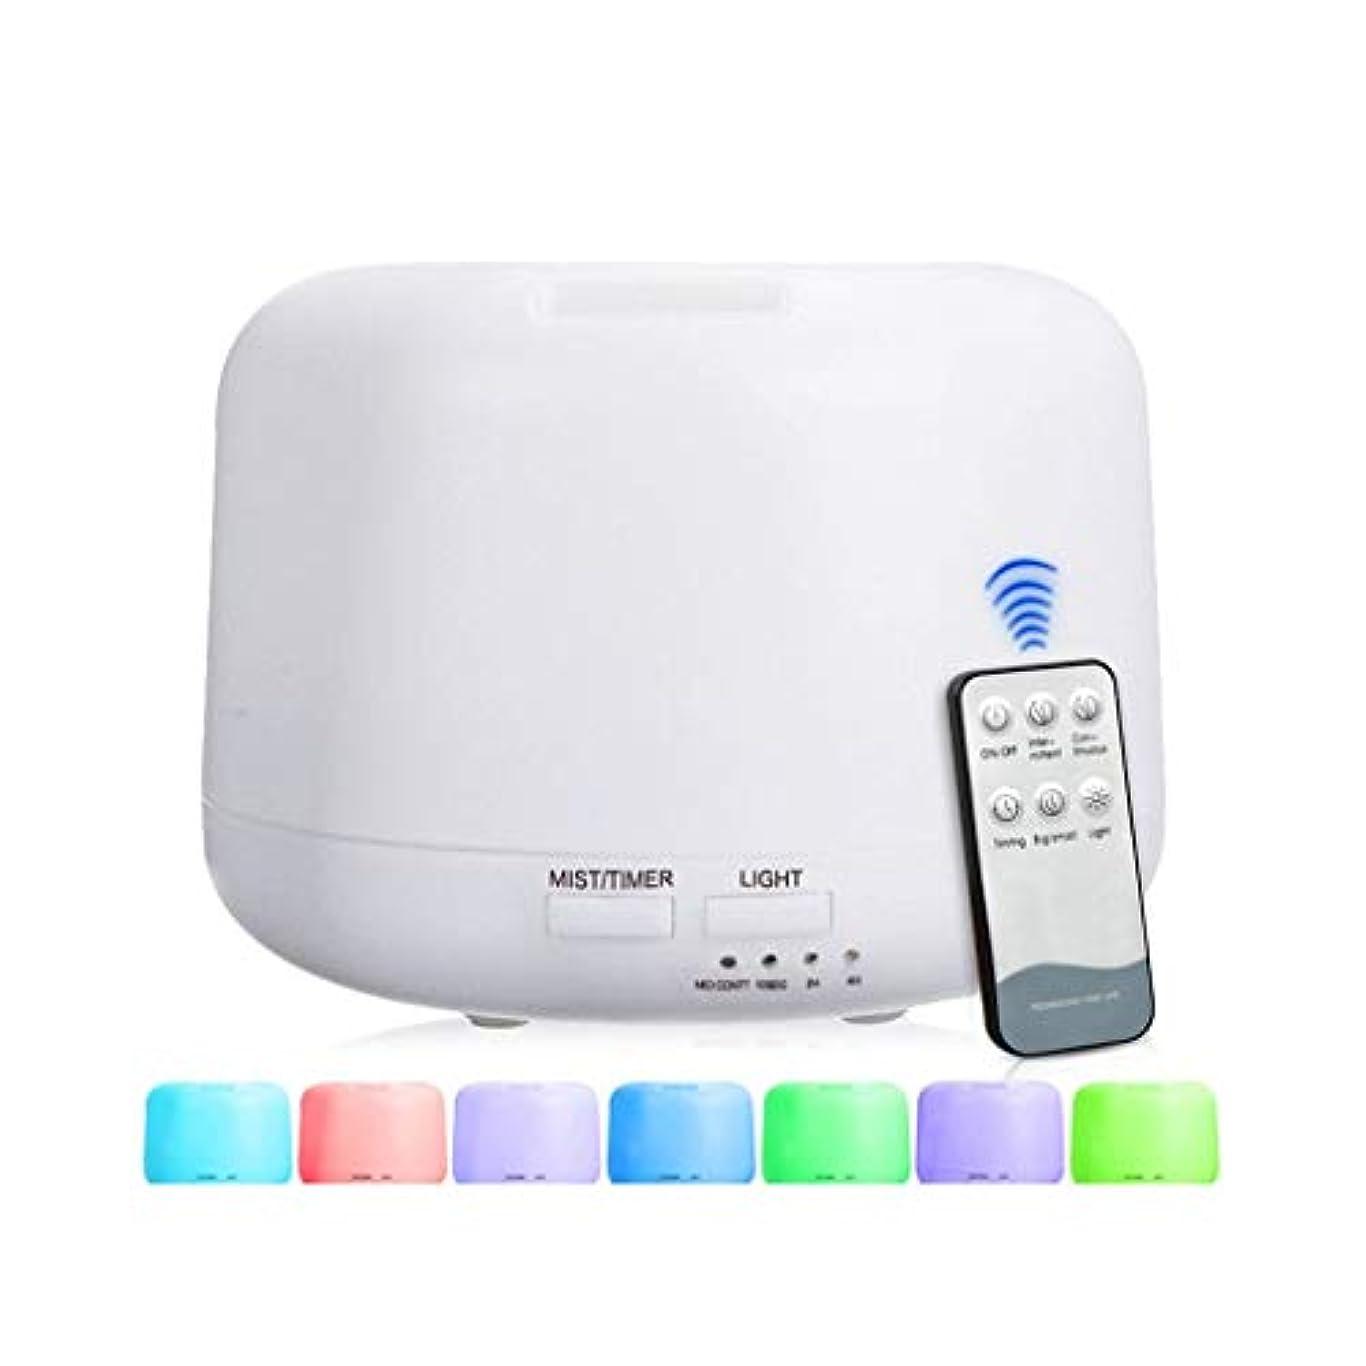 サドル大通りエージェント300 Mlアドバンストディフューザー、超音波蒸発器加湿器、タイマーおよび自動遮断安全スイッチ、7 LEDライトカラー (Color : Warm white)